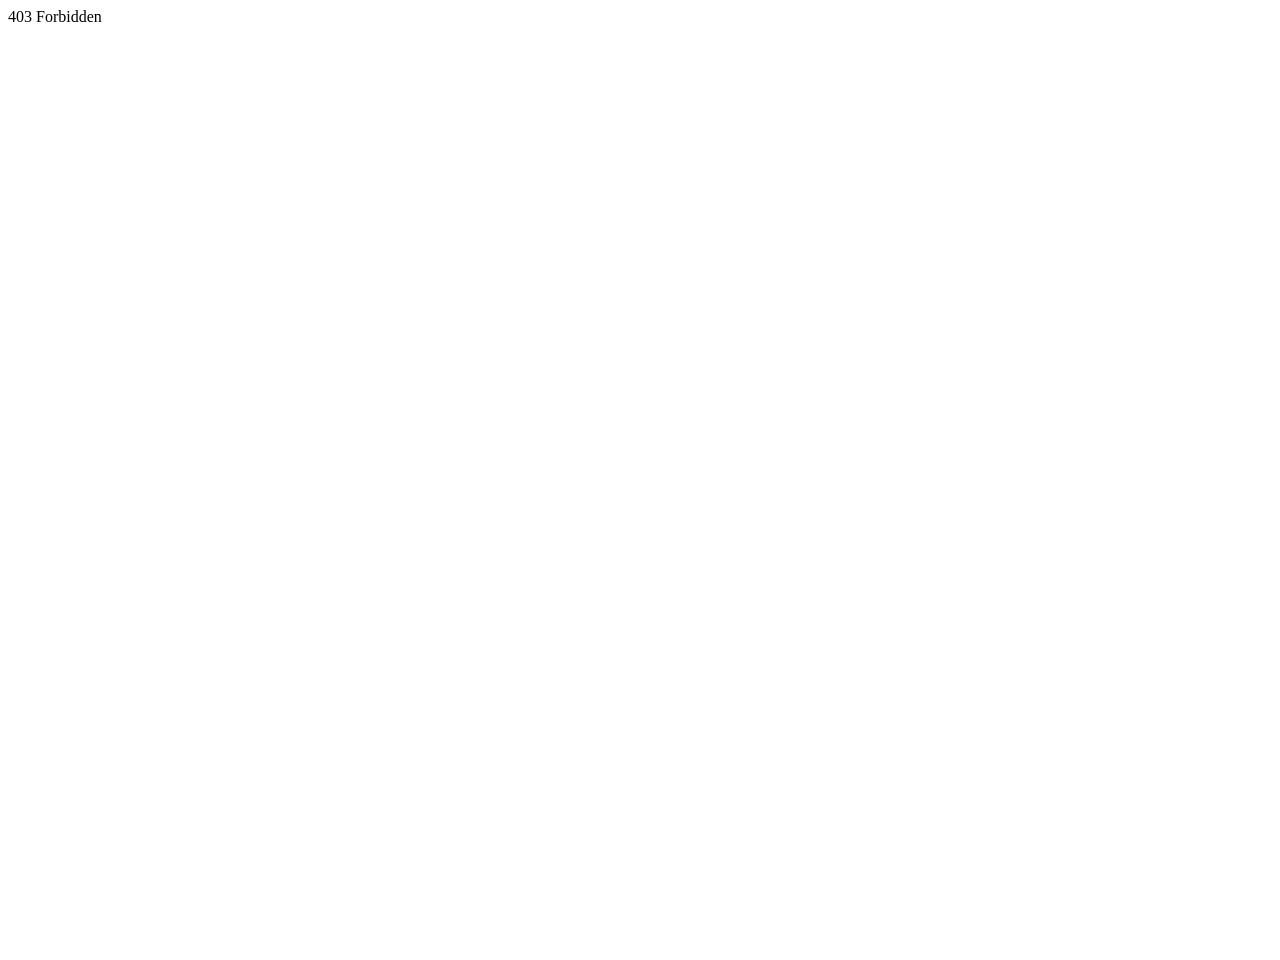 ピアノルームかざみどりのサムネイル